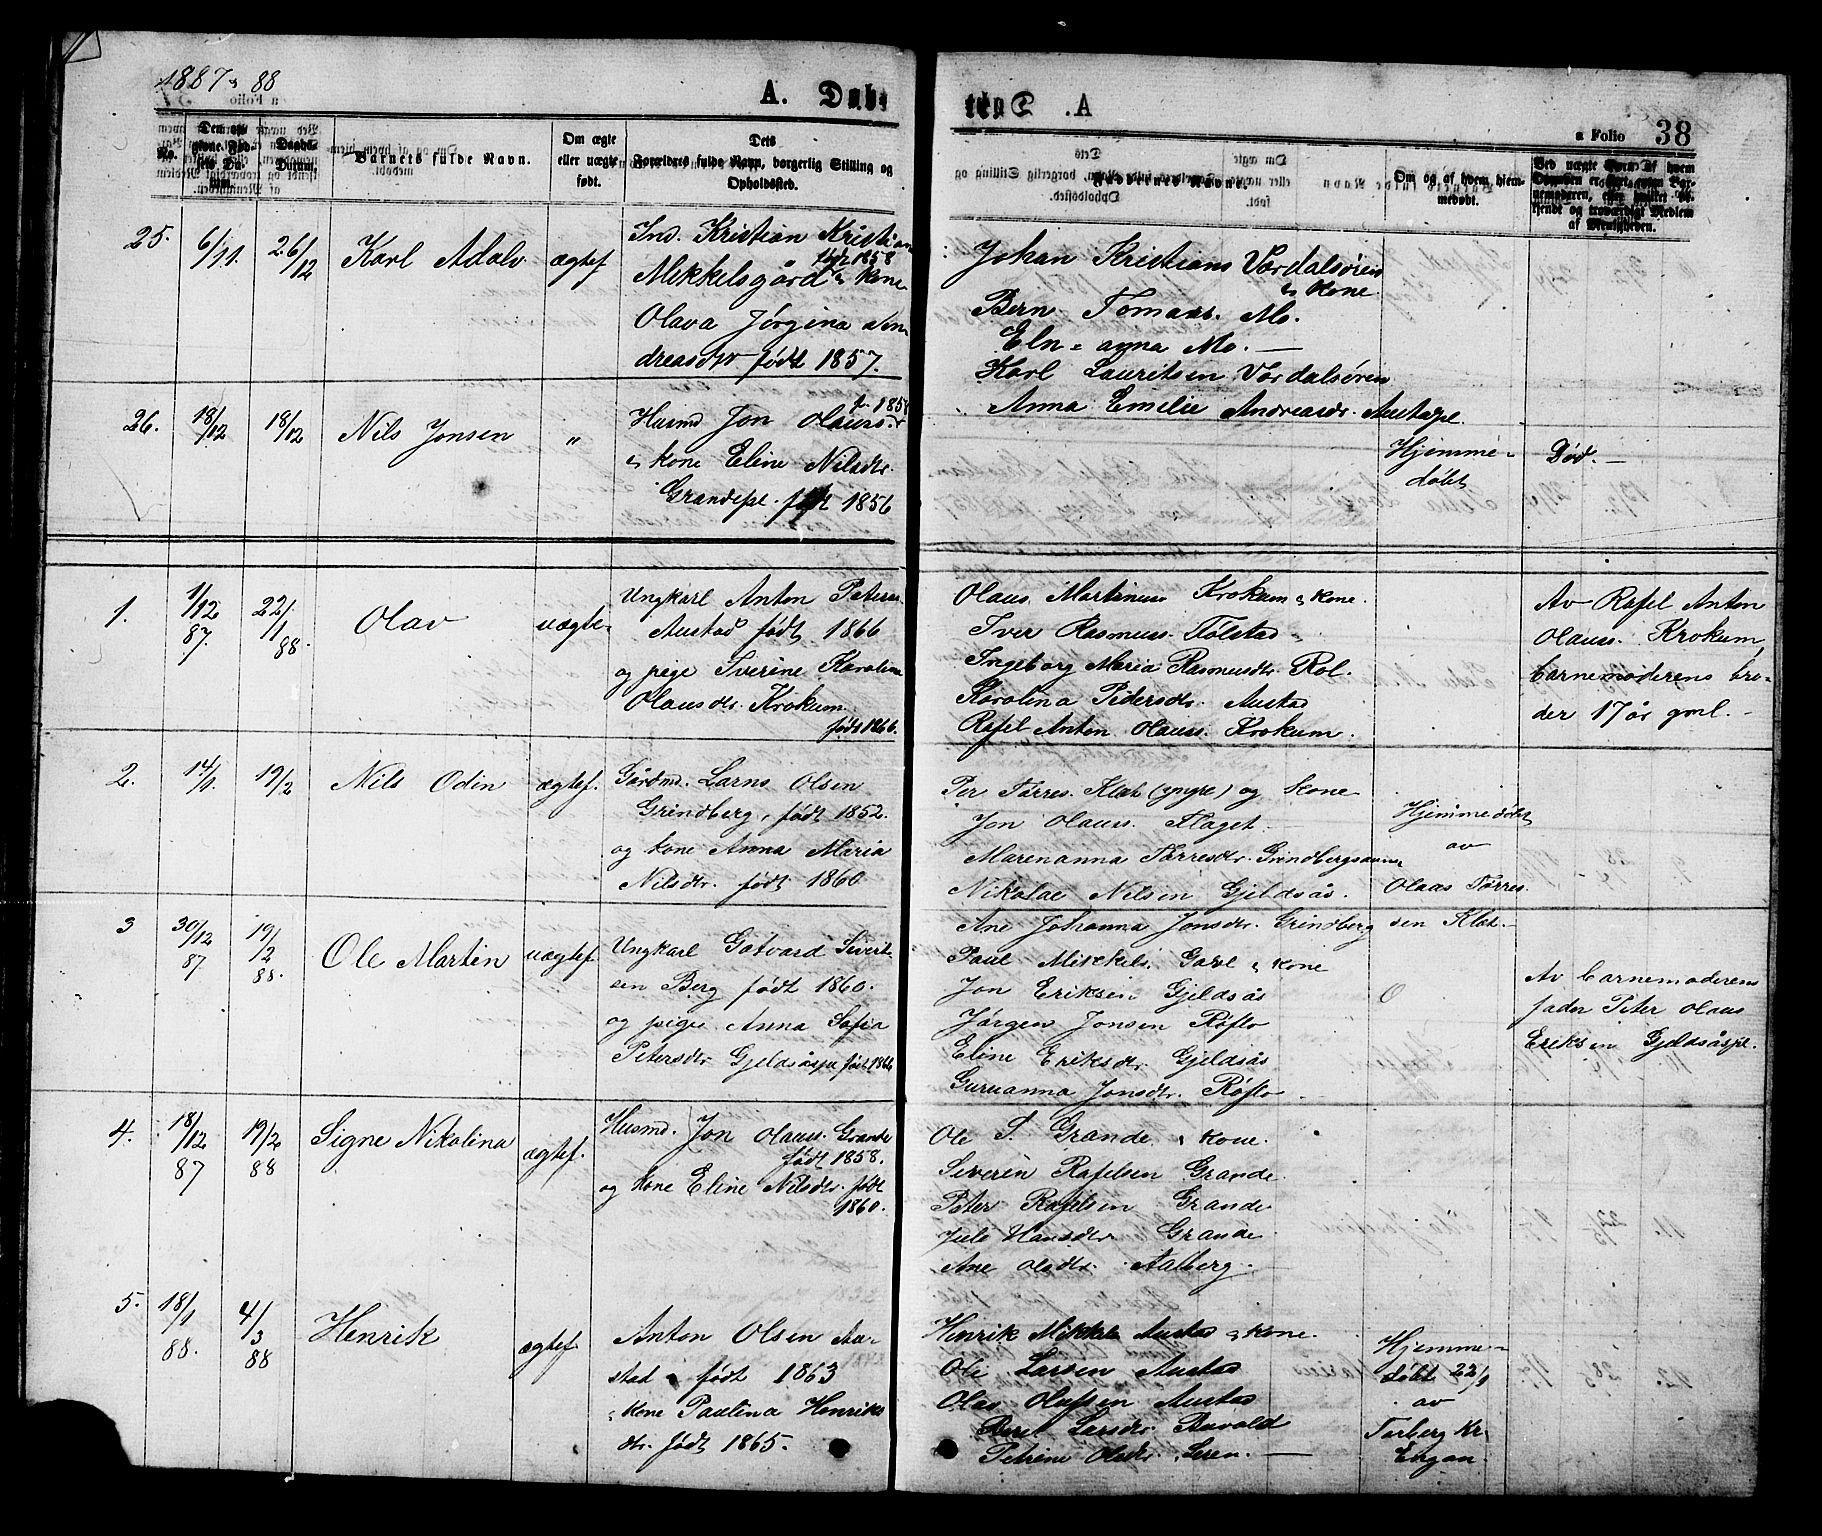 SAT, Ministerialprotokoller, klokkerbøker og fødselsregistre - Nord-Trøndelag, 731/L0311: Klokkerbok nr. 731C02, 1875-1911, s. 38